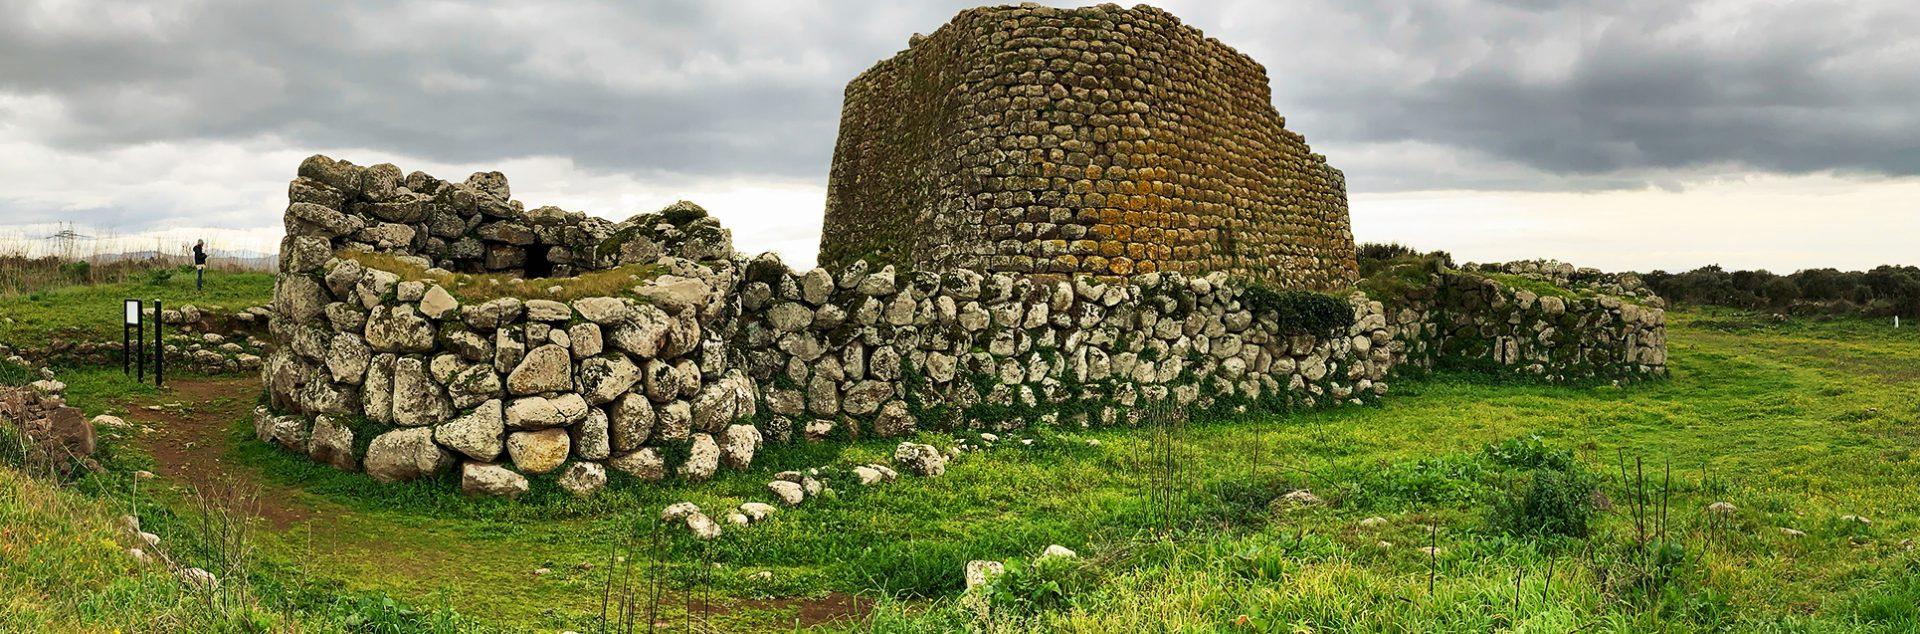 Nuraghe Losa auf Sardinien